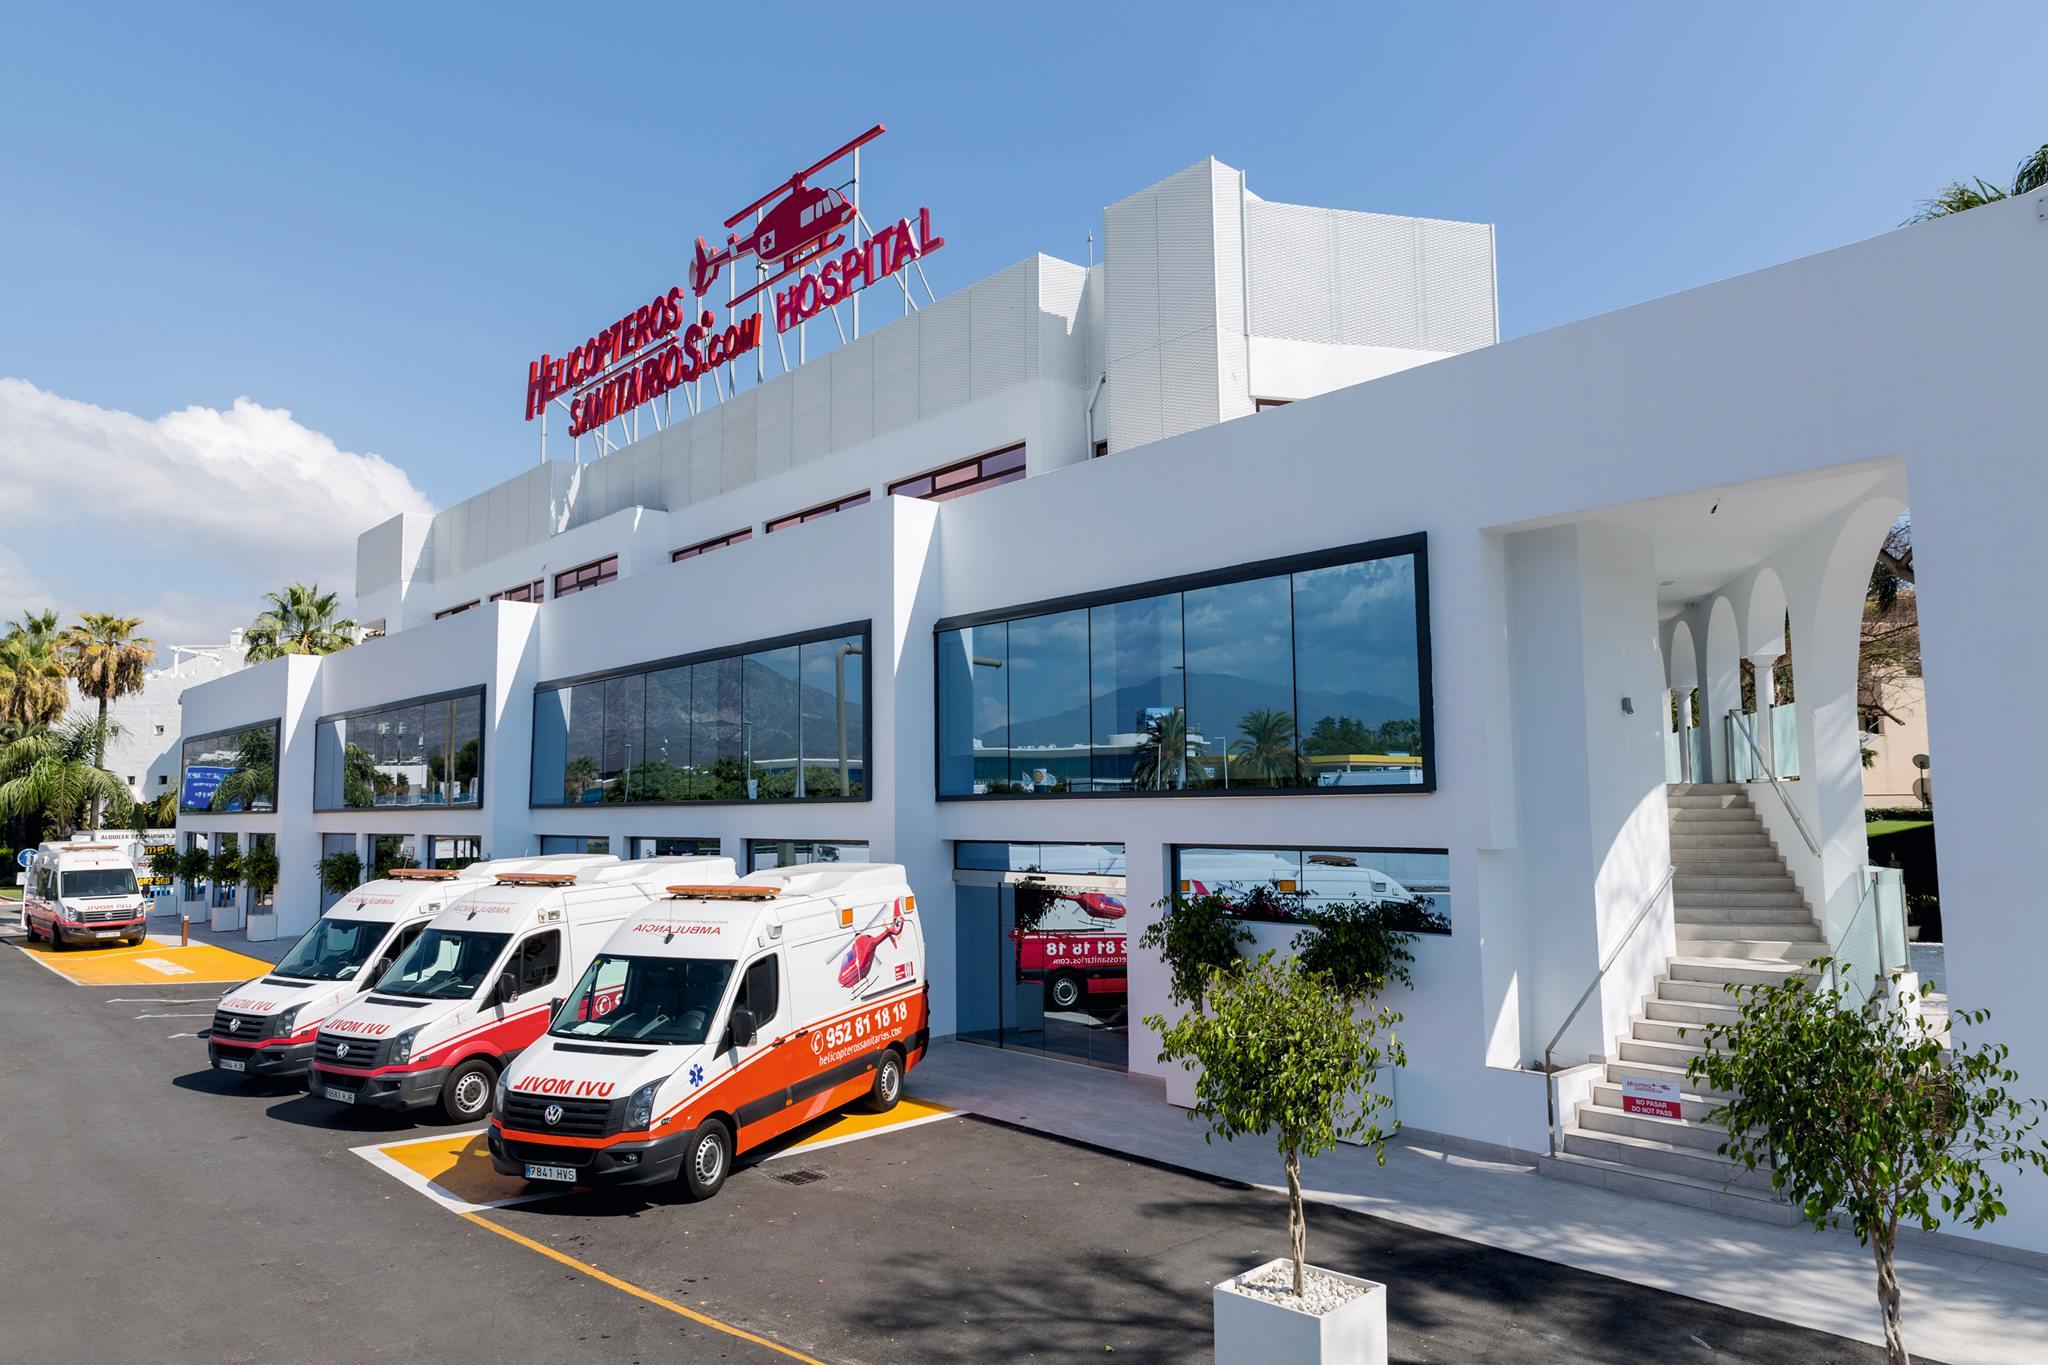 Hospital Helicopteros Sanitarios - Puerto Banús - Marbella